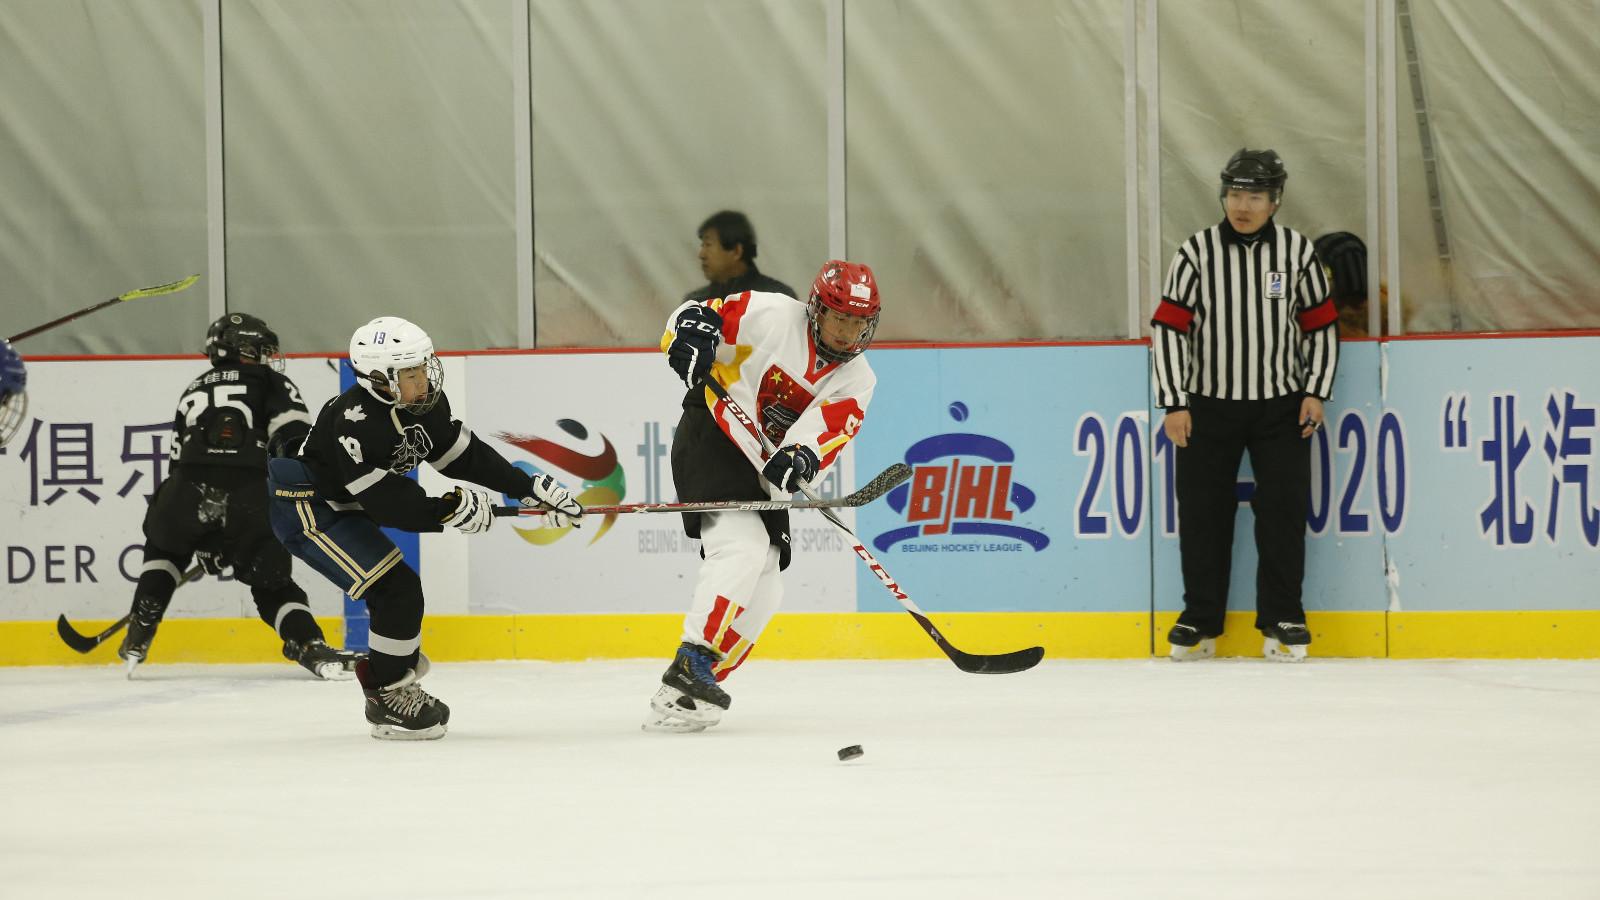 北京青少年冰球俱乐部联赛开幕 首次增设U18年龄组